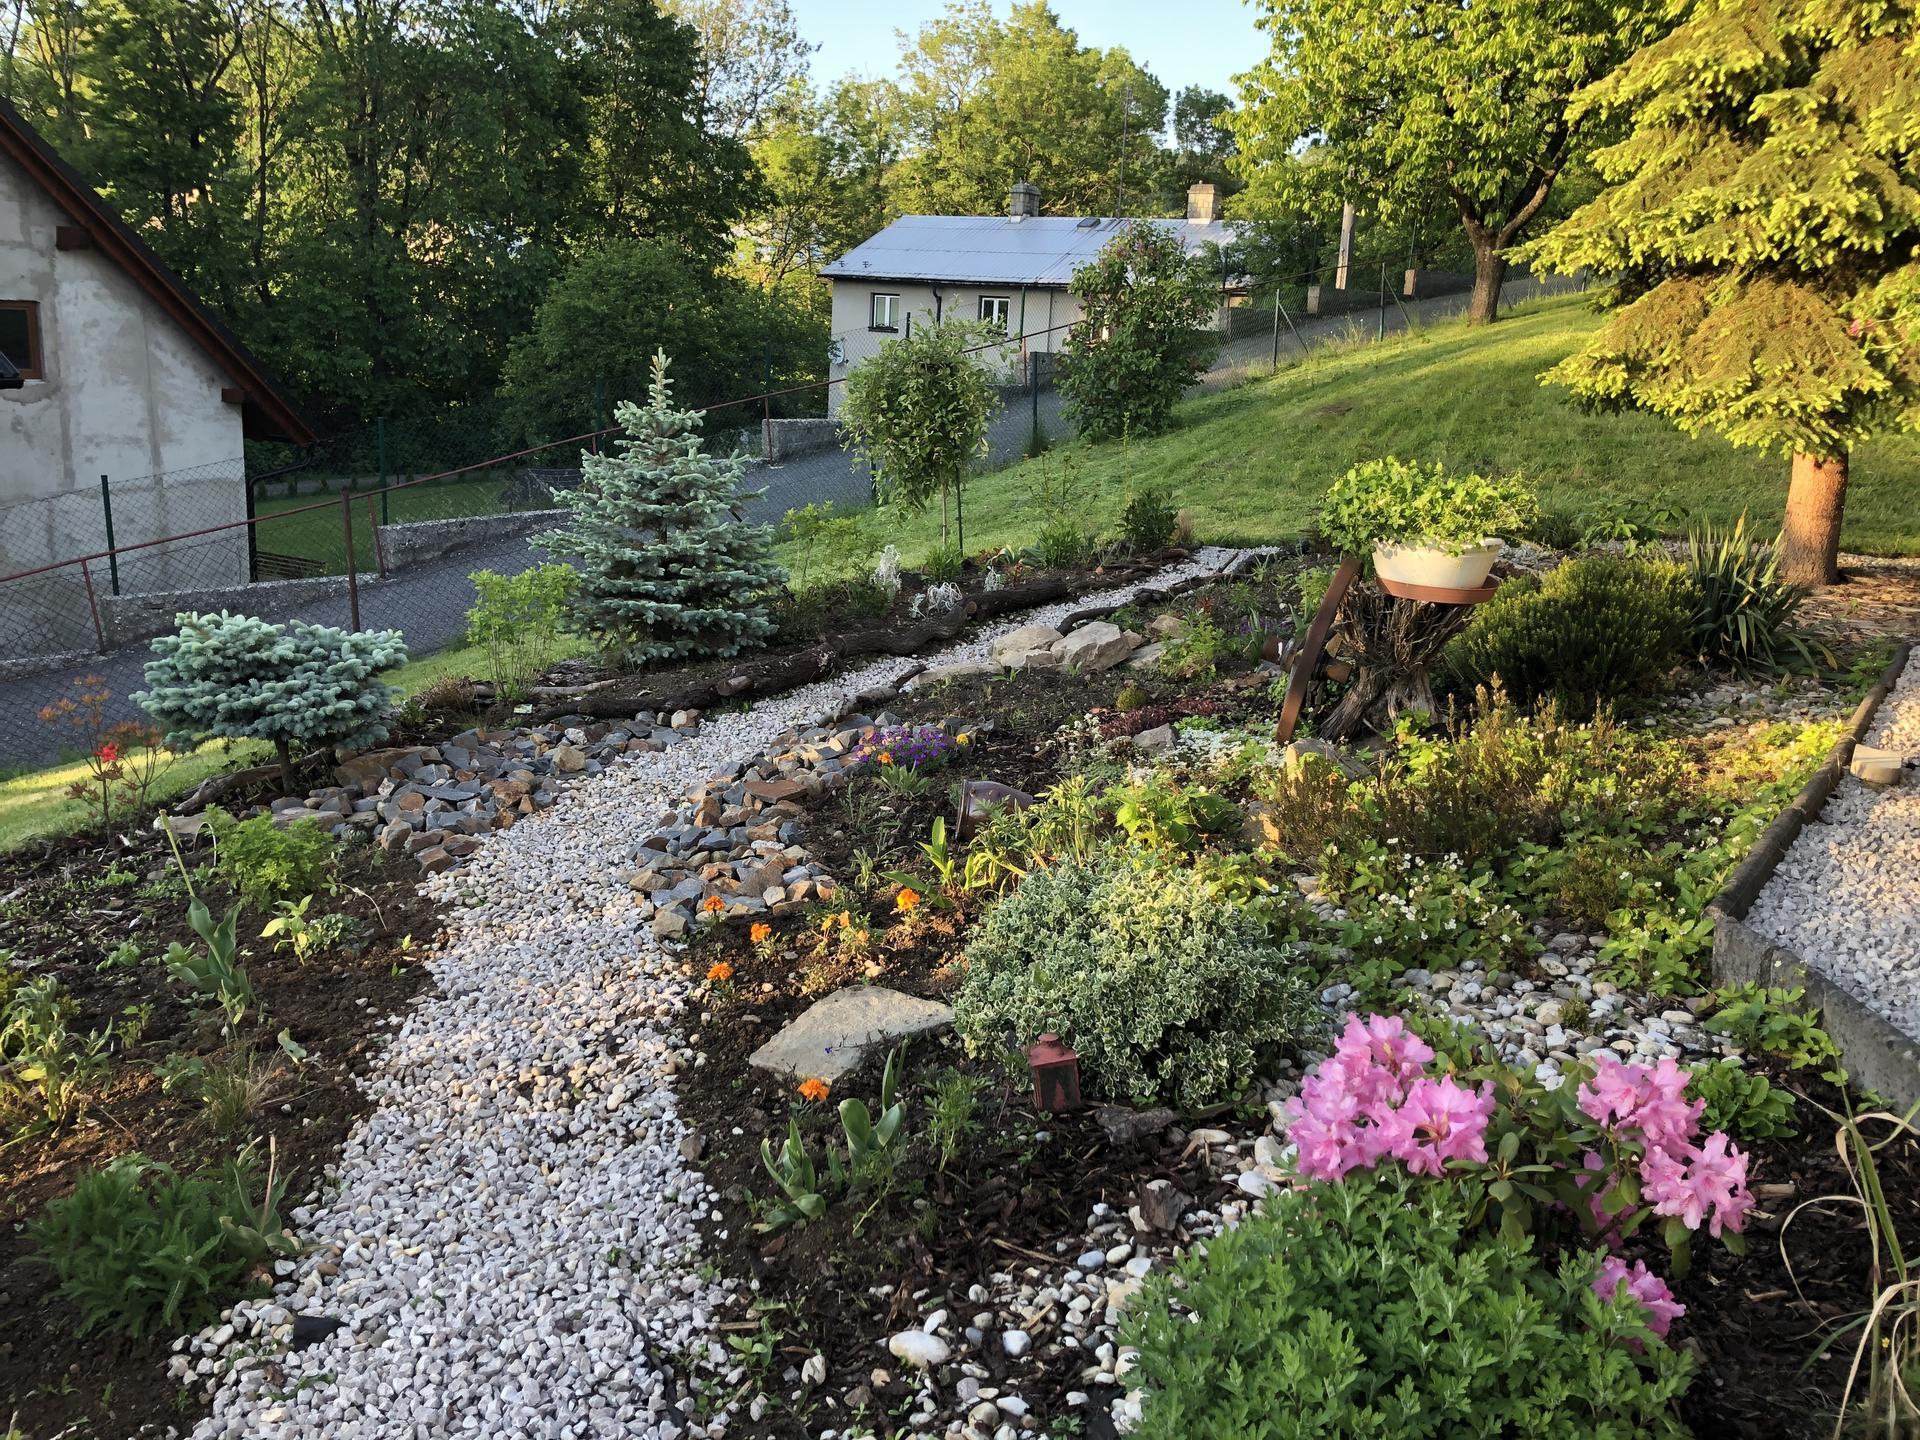 U nás doma a na zahradě 2020 - Obrázek č. 75